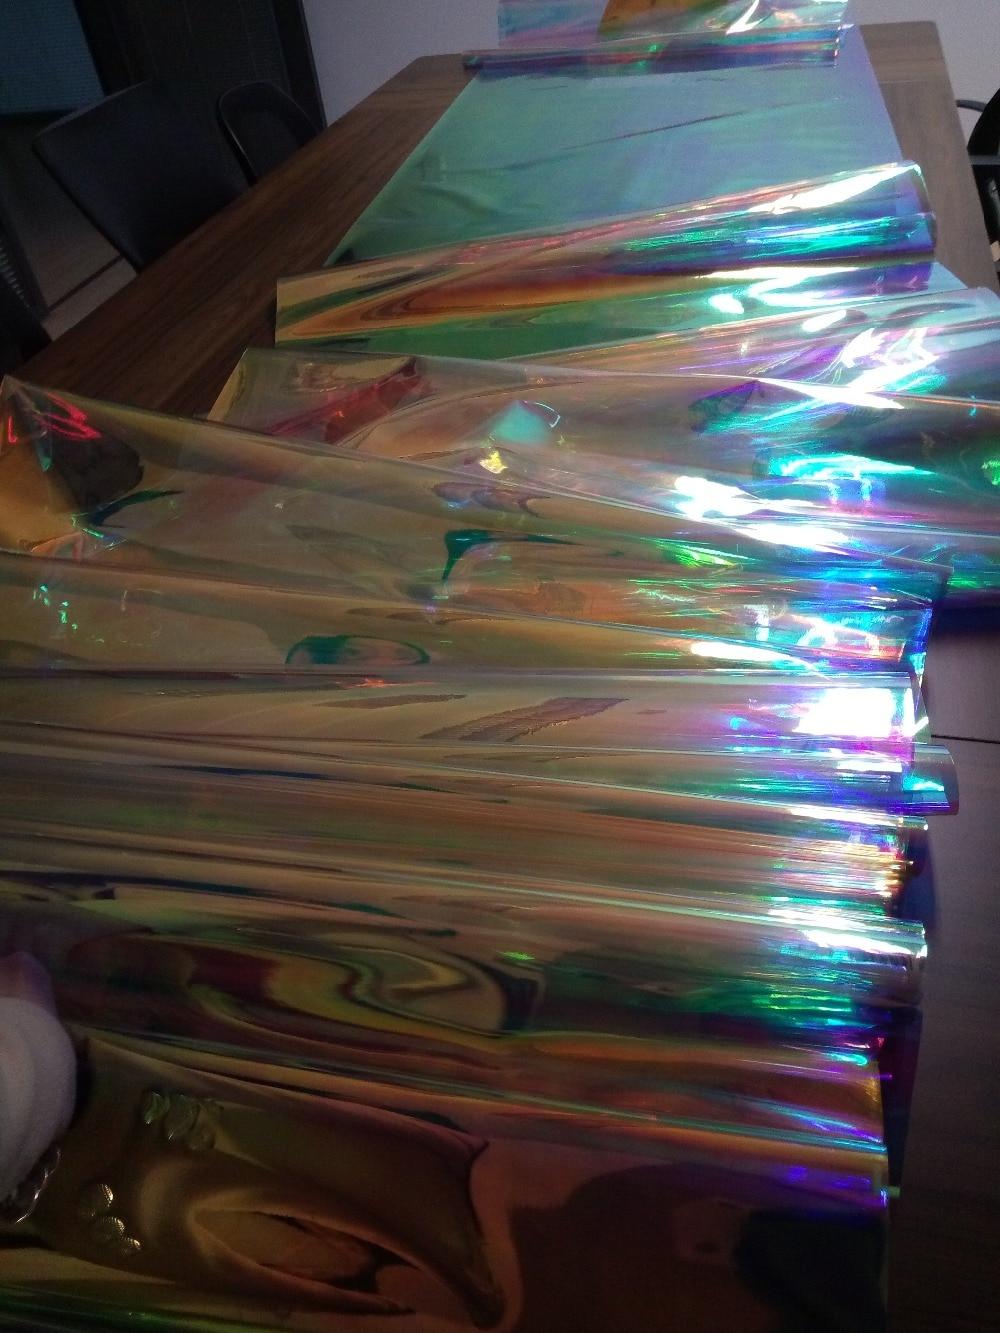 Película de fantasía 26 MIC JRB-2690-01 Rainbow Magic iridisent Angelina 1020mm W * 100m L para una aplicación increíble